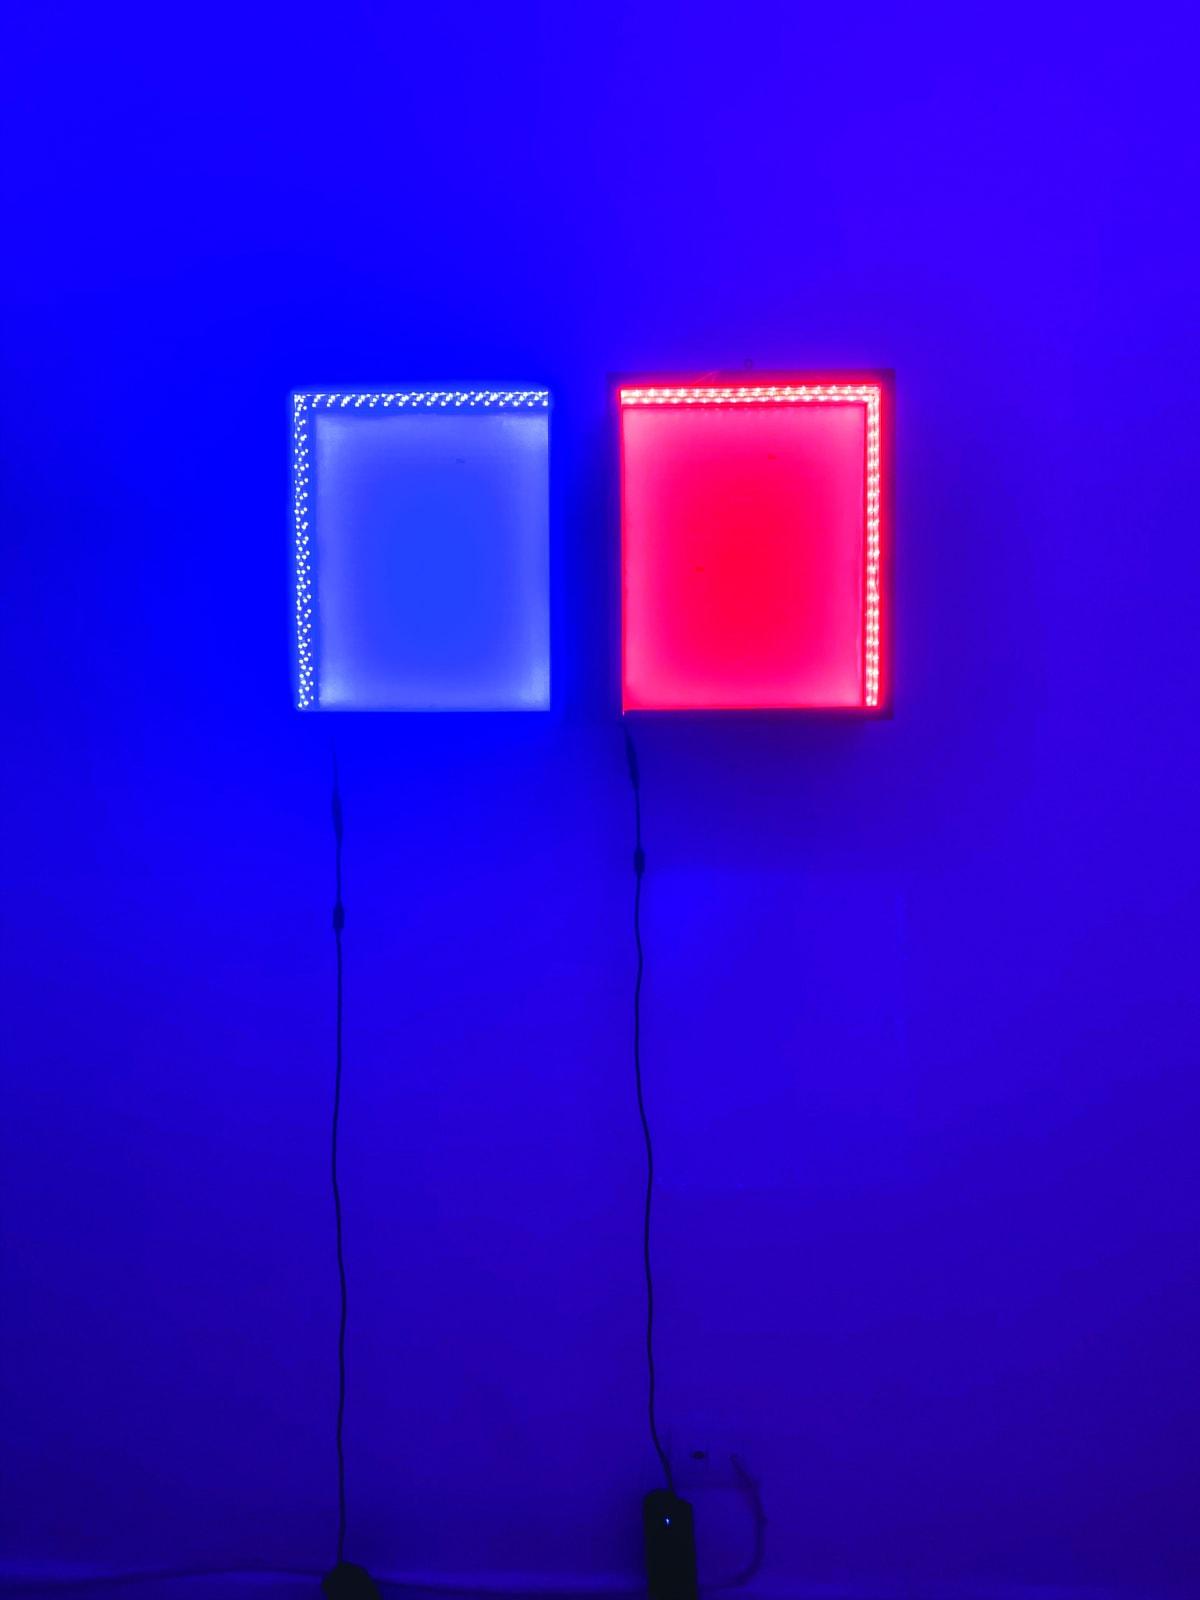 Ana Andreiolo Cromoterapia (2019) madeira, impressão, acrílico, luz 31,5 x 38 x 15 cm